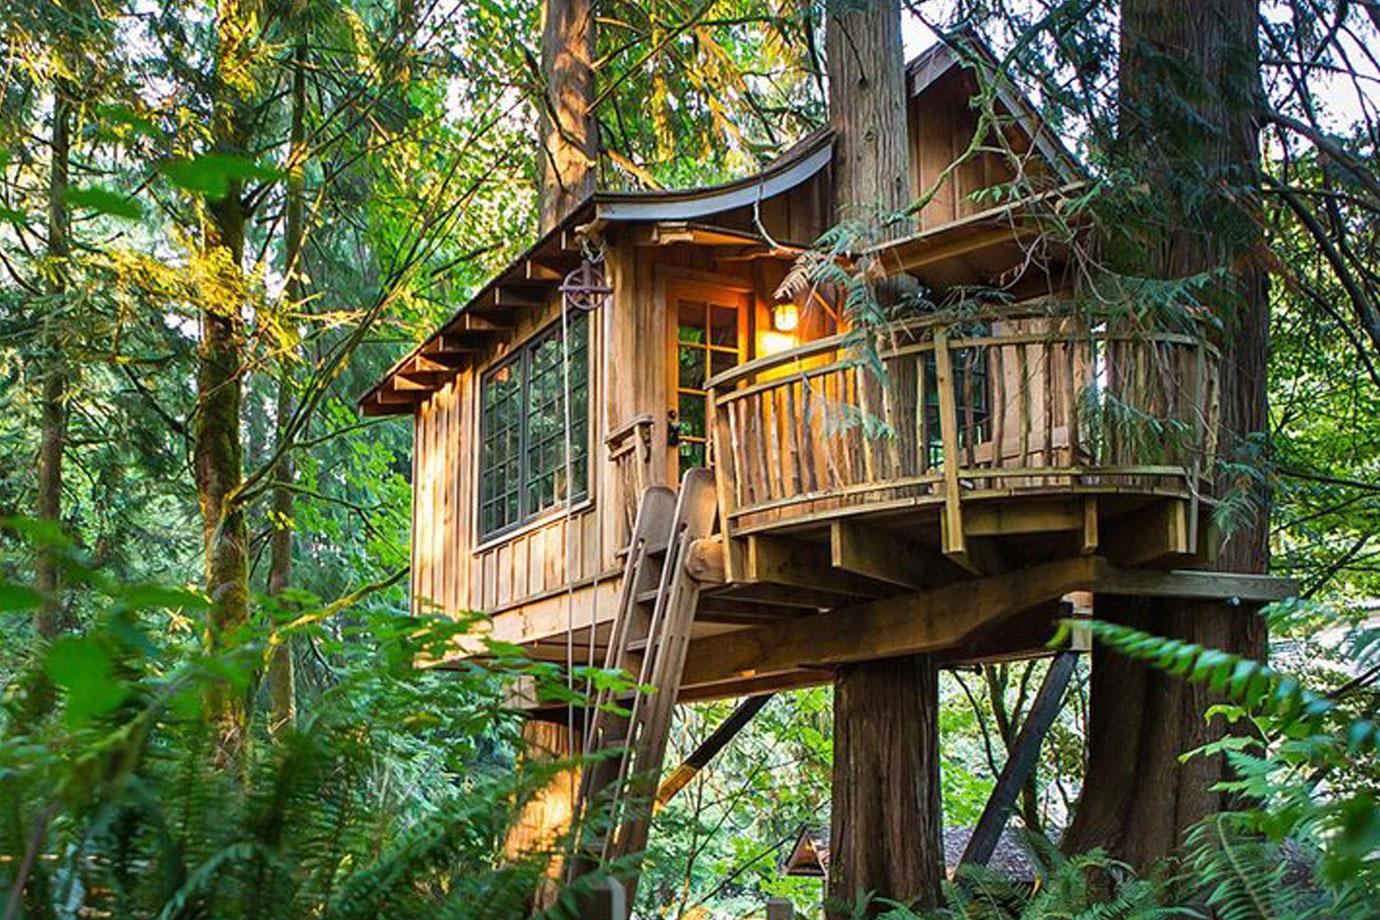 Hình ảnh ngôi nhà ở trên cây ấm cúng đẹp đẽ